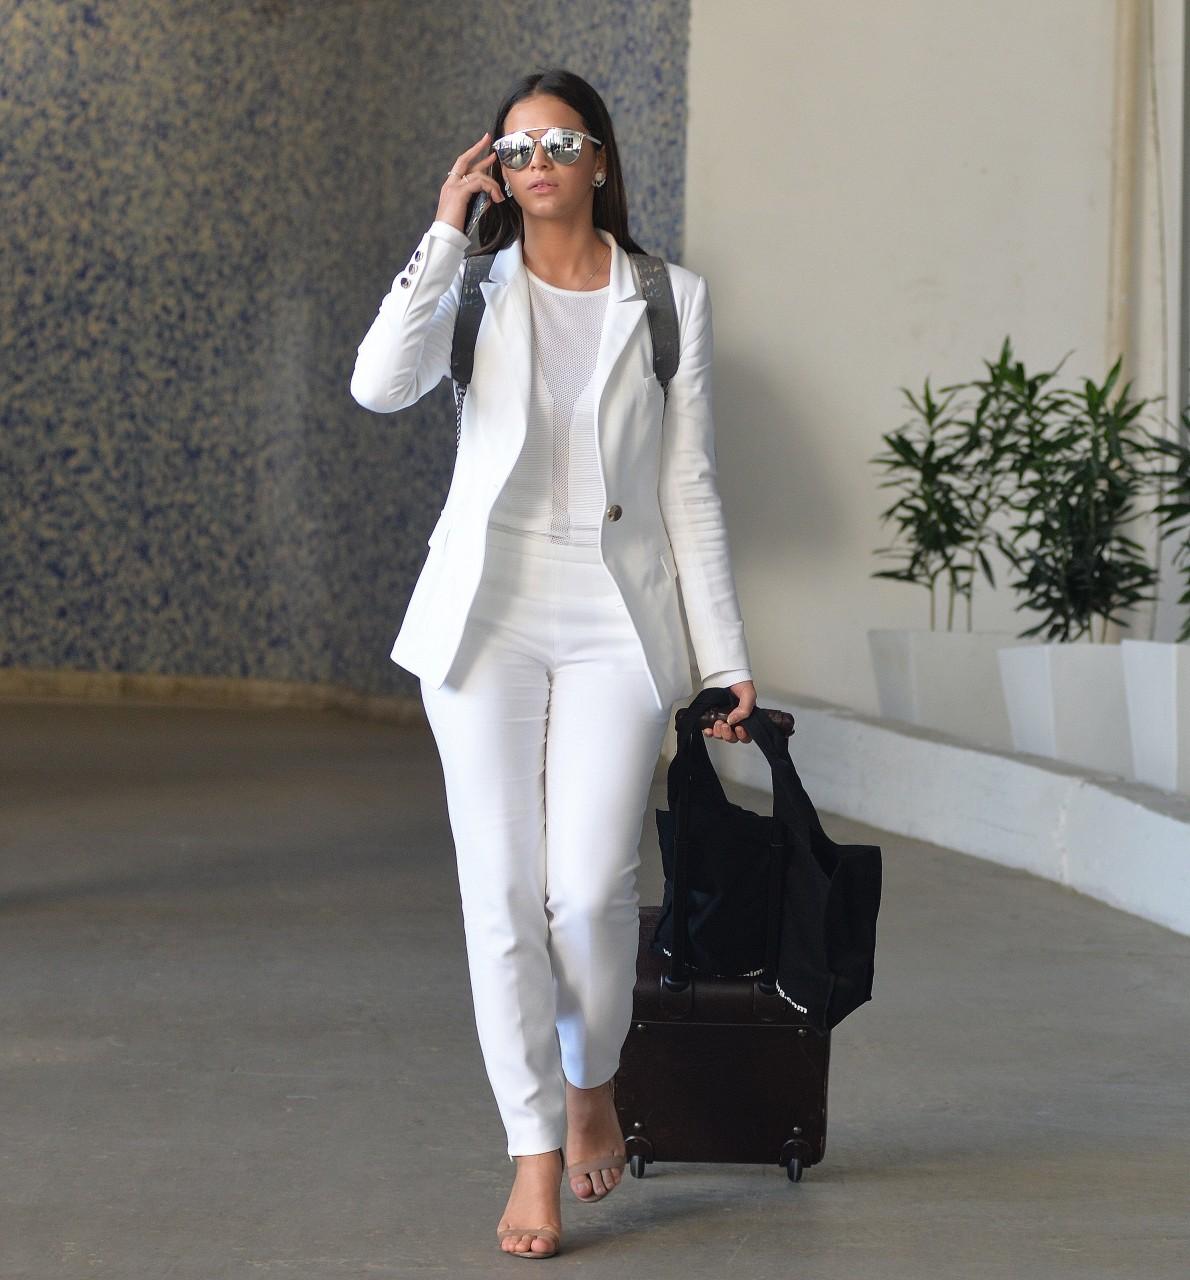 8651ad948 Bruna Marquezine complementou o visual com óculos espelhados da grife Dior.  Foto: William Oda/Ag. News